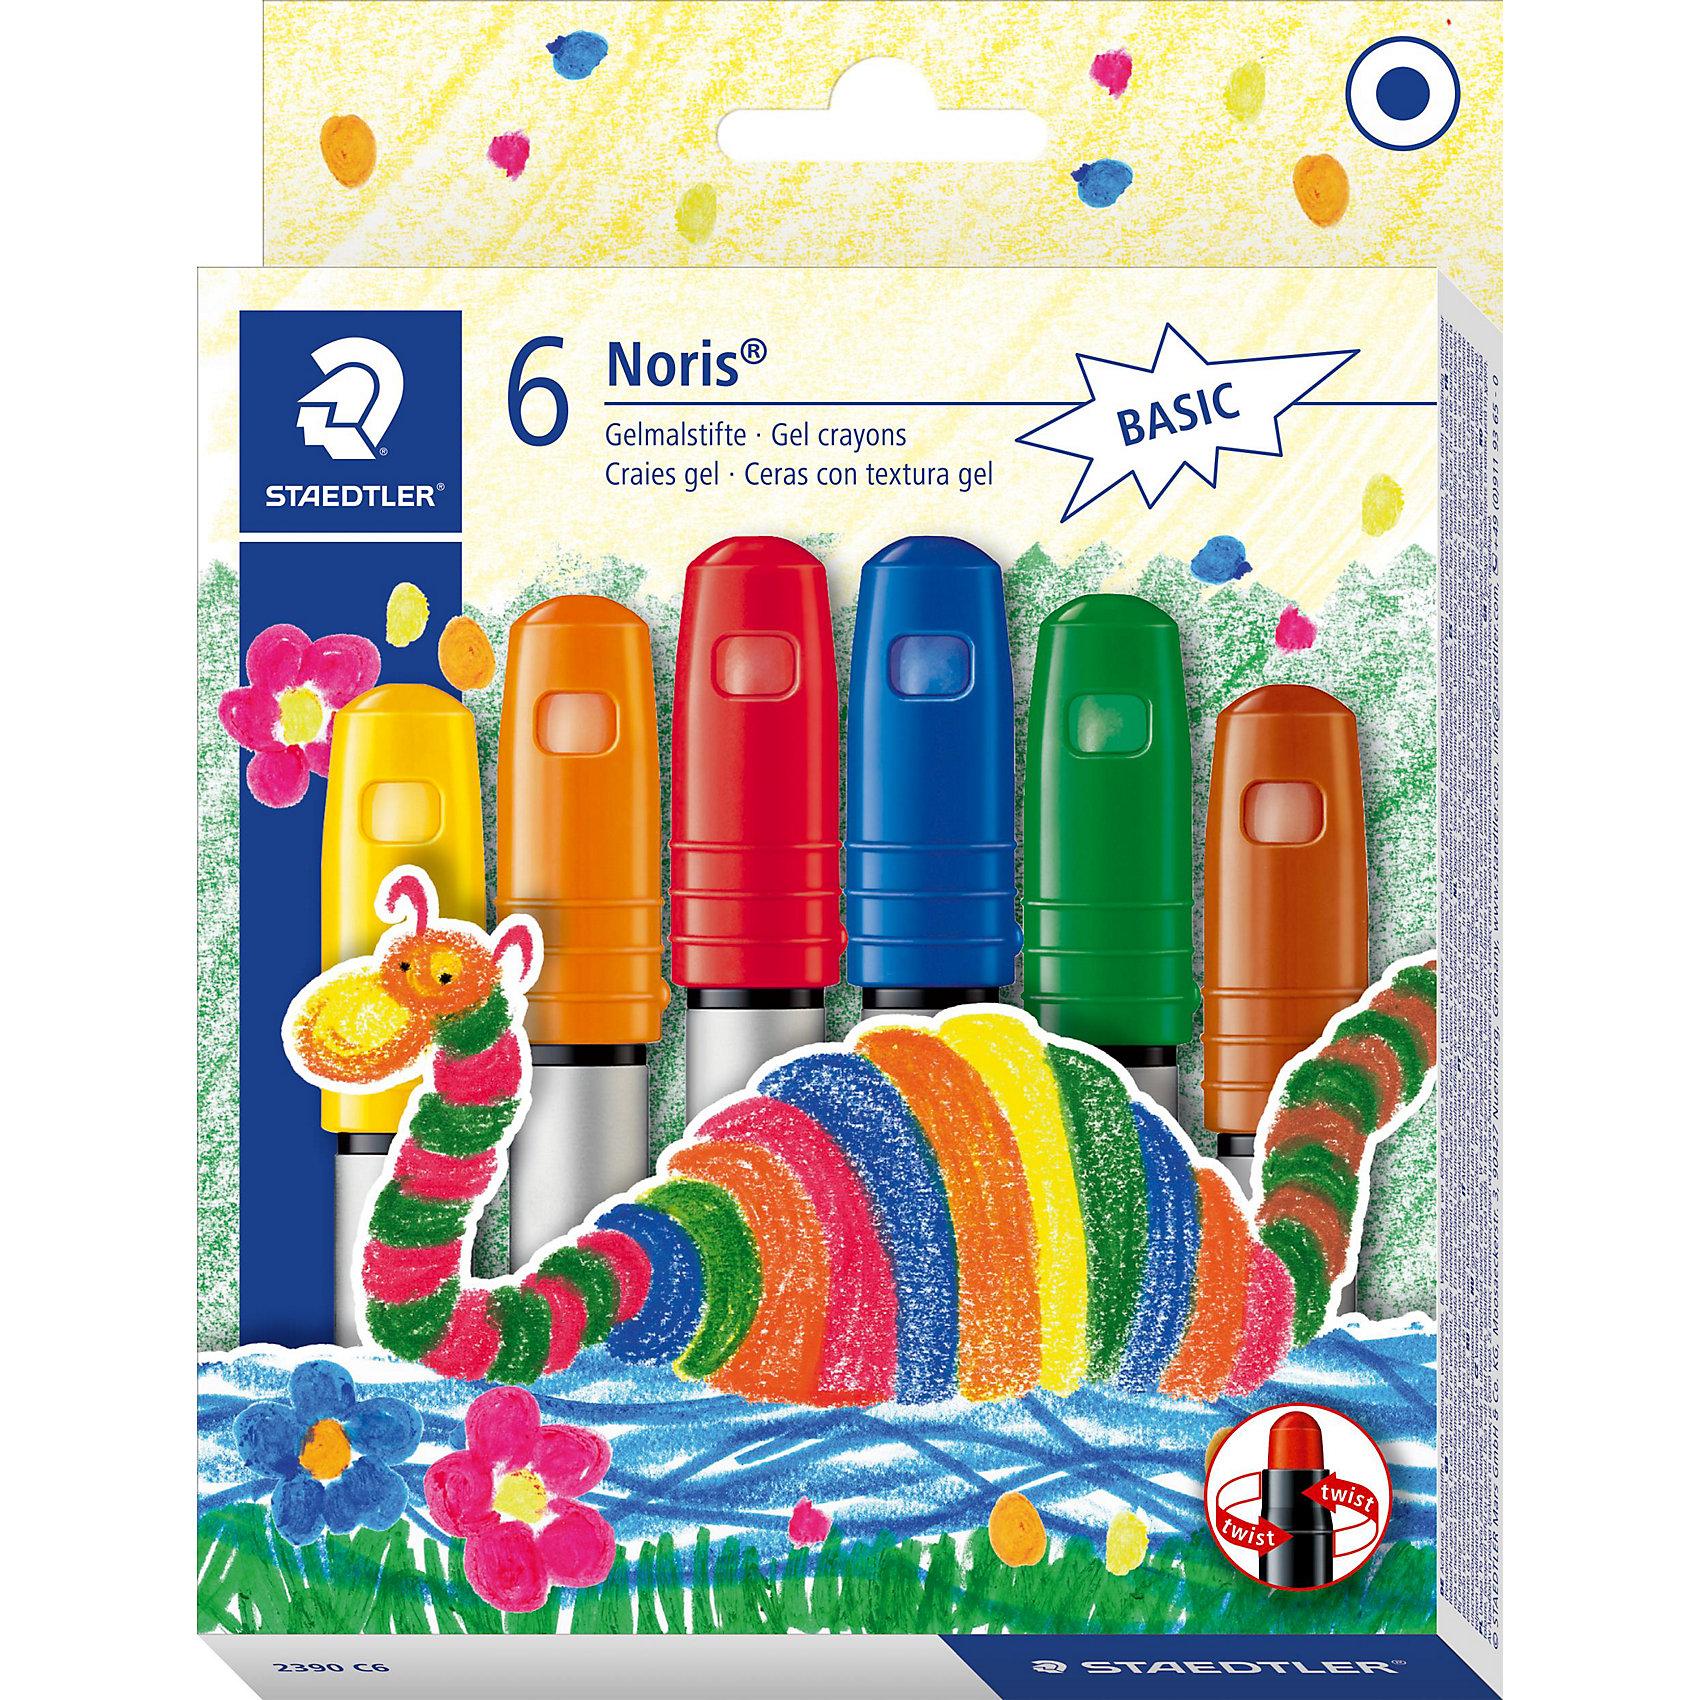 Гелевые мелки NorisClub, 6 цв.Рисование<br>Набор гелевых мелков Noris Club. Картонная упаковка, 6 цветов. Идеален для маленьких детей. Легко пользоваться: повернуть и рисовать. Экстра мягкость и яркие цвета. Цветовые эффекты: превосходные результаты на стекле, гладких и темных поверхностях.<br><br>Ширина мм: 185<br>Глубина мм: 140<br>Высота мм: 25<br>Вес г: 189<br>Возраст от месяцев: 36<br>Возраст до месяцев: 84<br>Пол: Унисекс<br>Возраст: Детский<br>SKU: 1462547